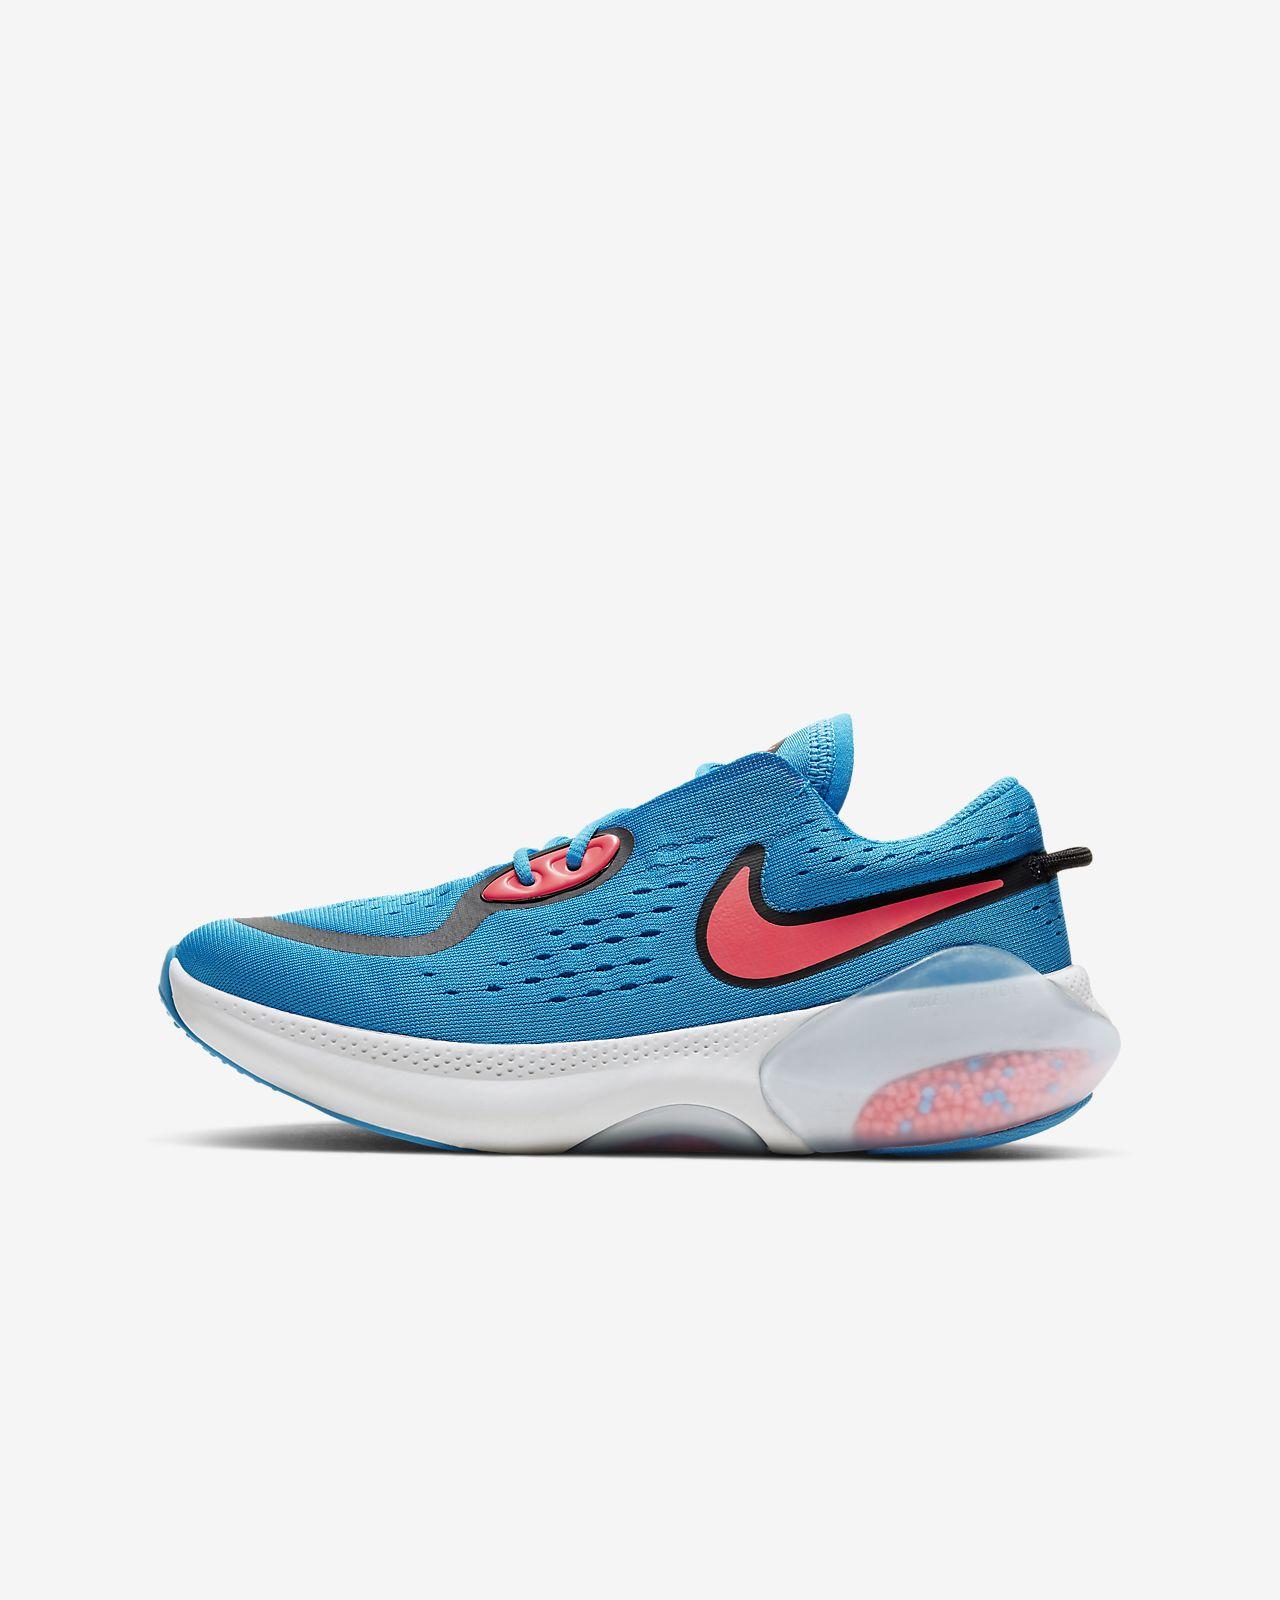 Běžecká bota Nike Joyride Dual Run pro větší děti